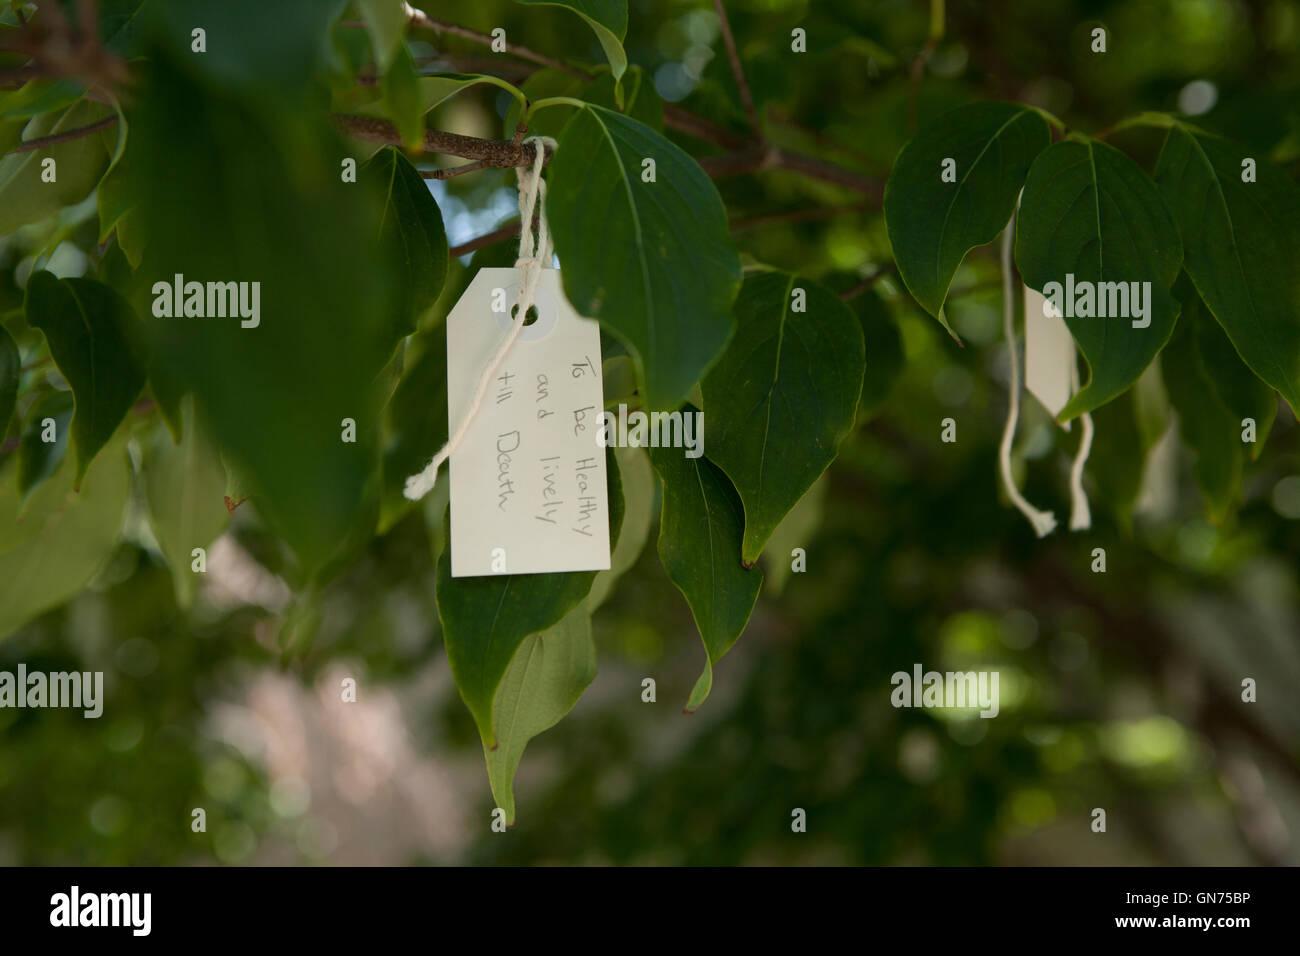 Tag mit Meldung auf Yoko Ono wünschen Baum - USA Stockbild